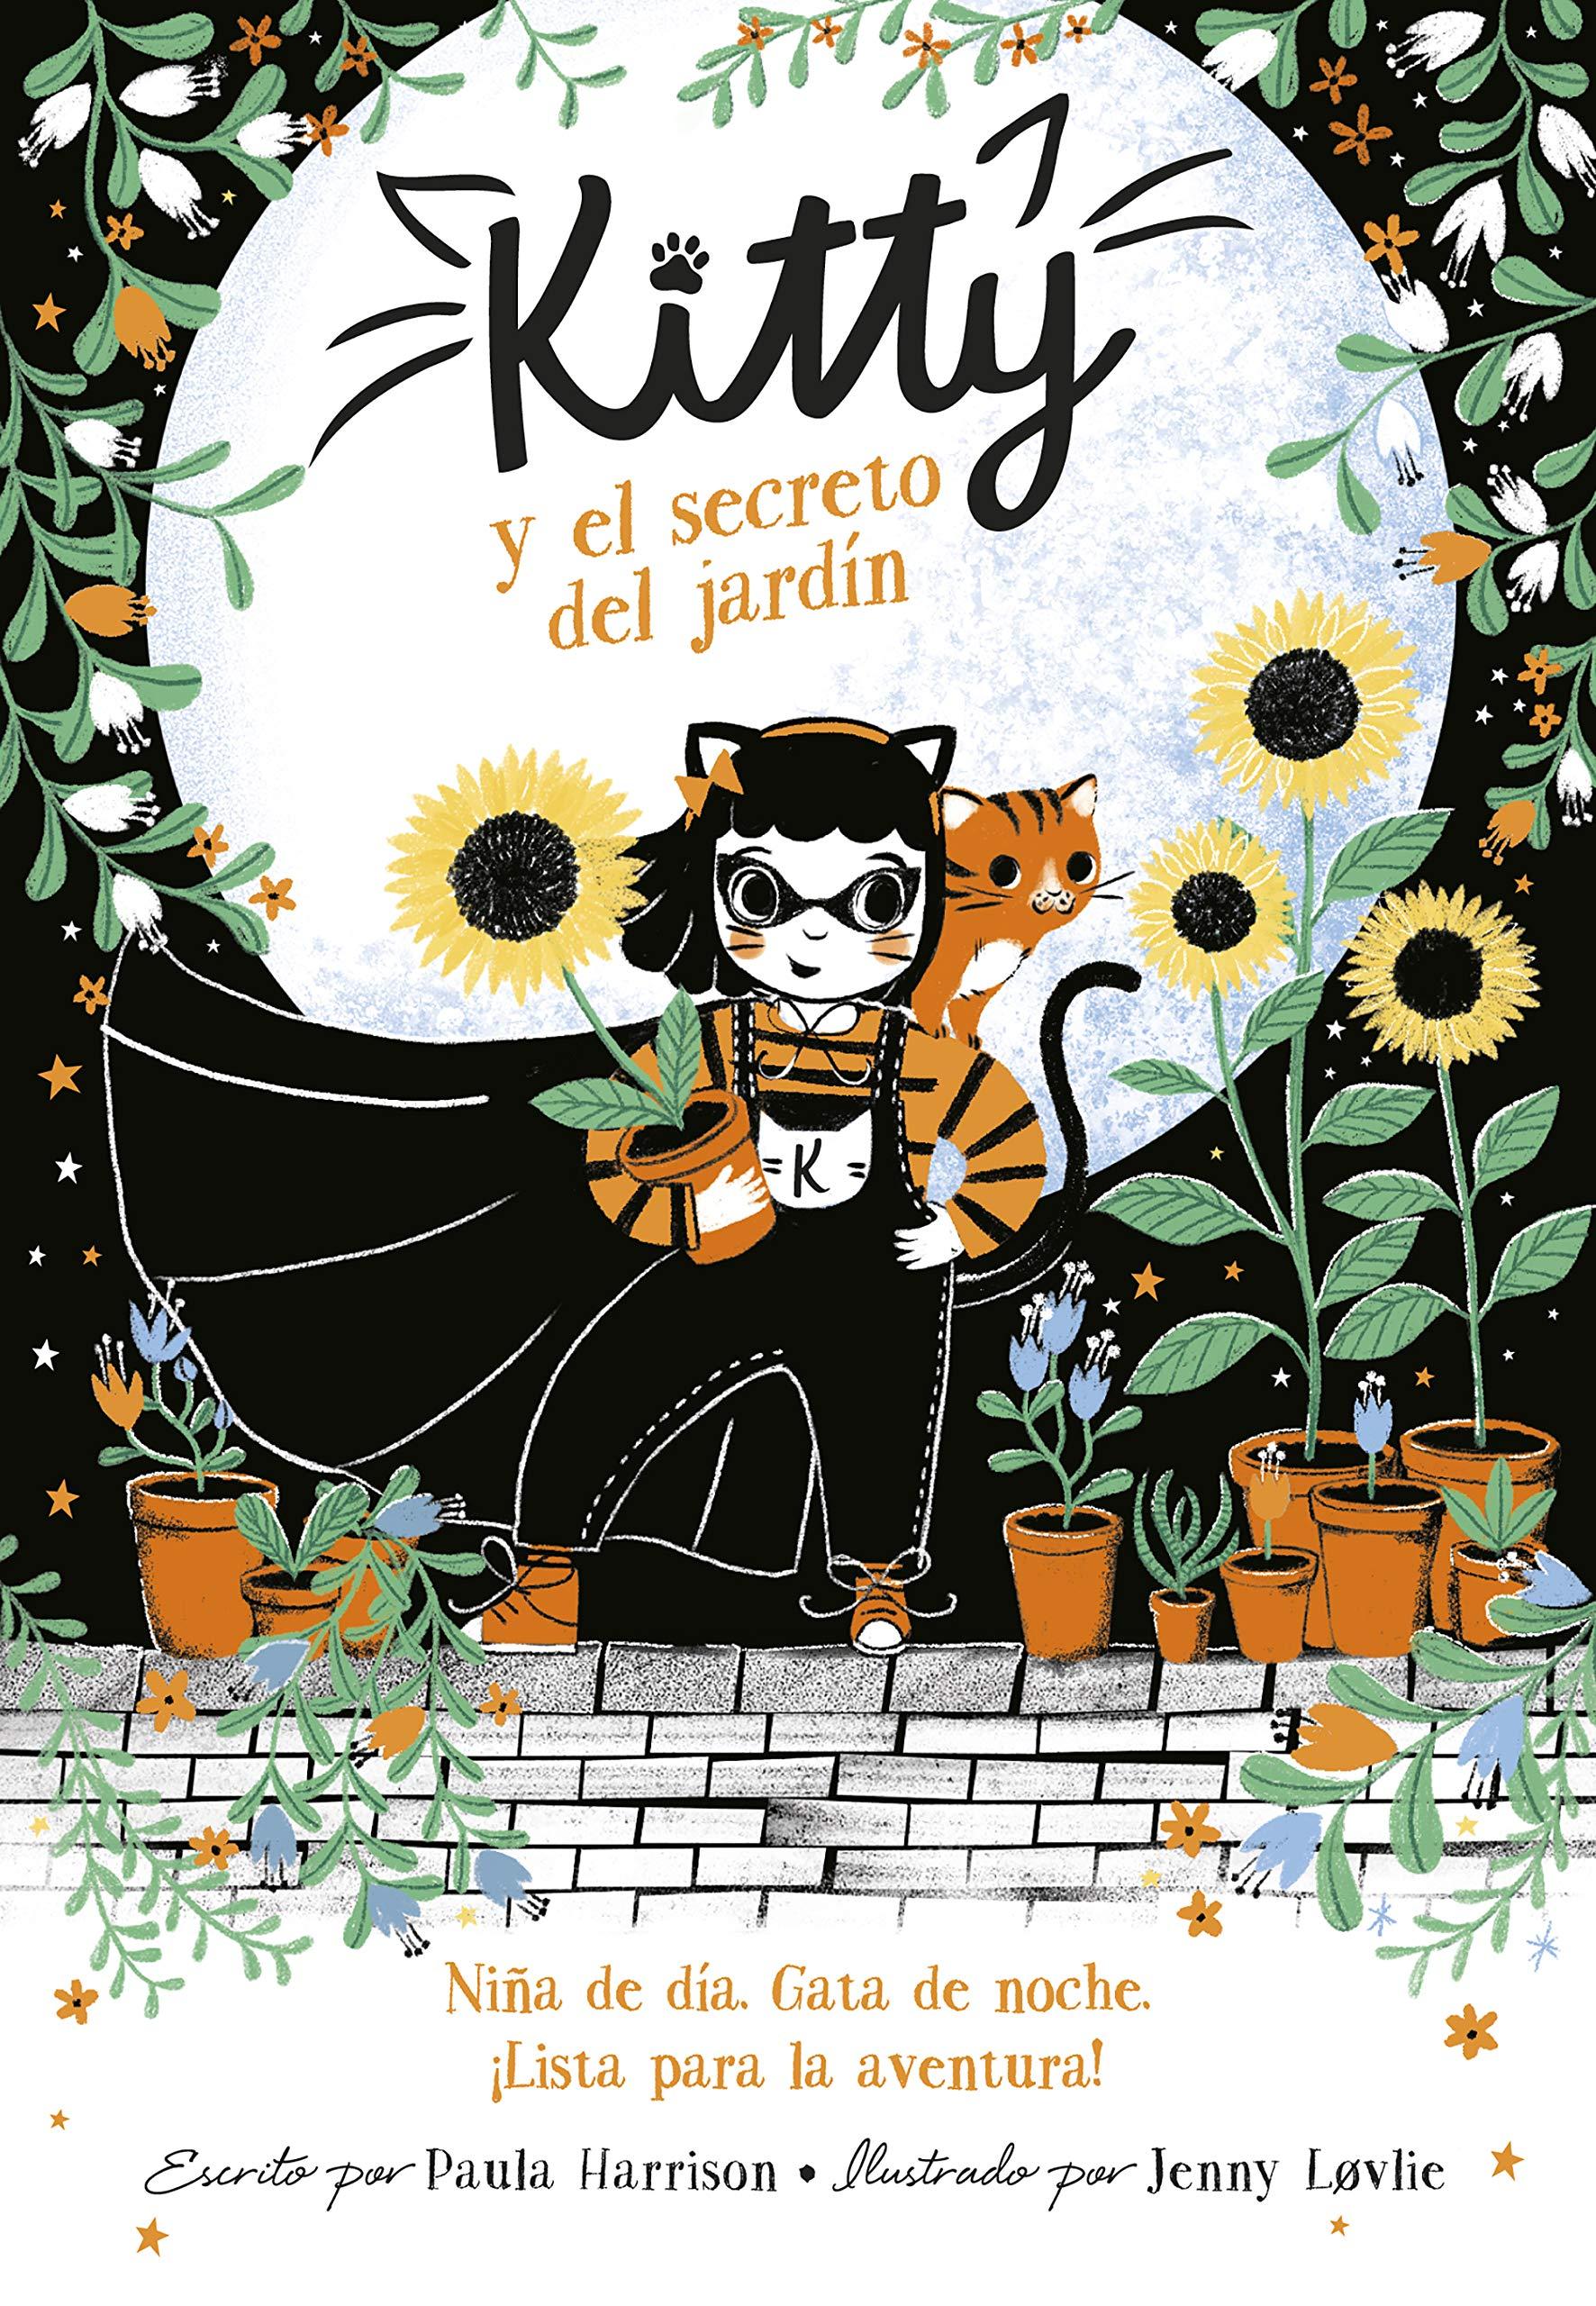 Kitty y el secreto del jardín (=^Kitty^=): Amazon.es: Harrison, Paula, Sara Cano Fernández;: Libros